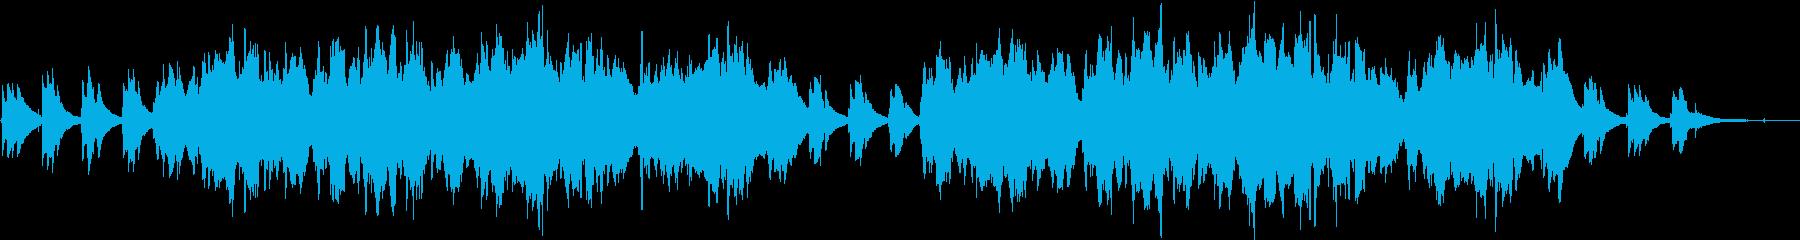 サリーガーデン/バイオリン/ケルト生演奏の再生済みの波形